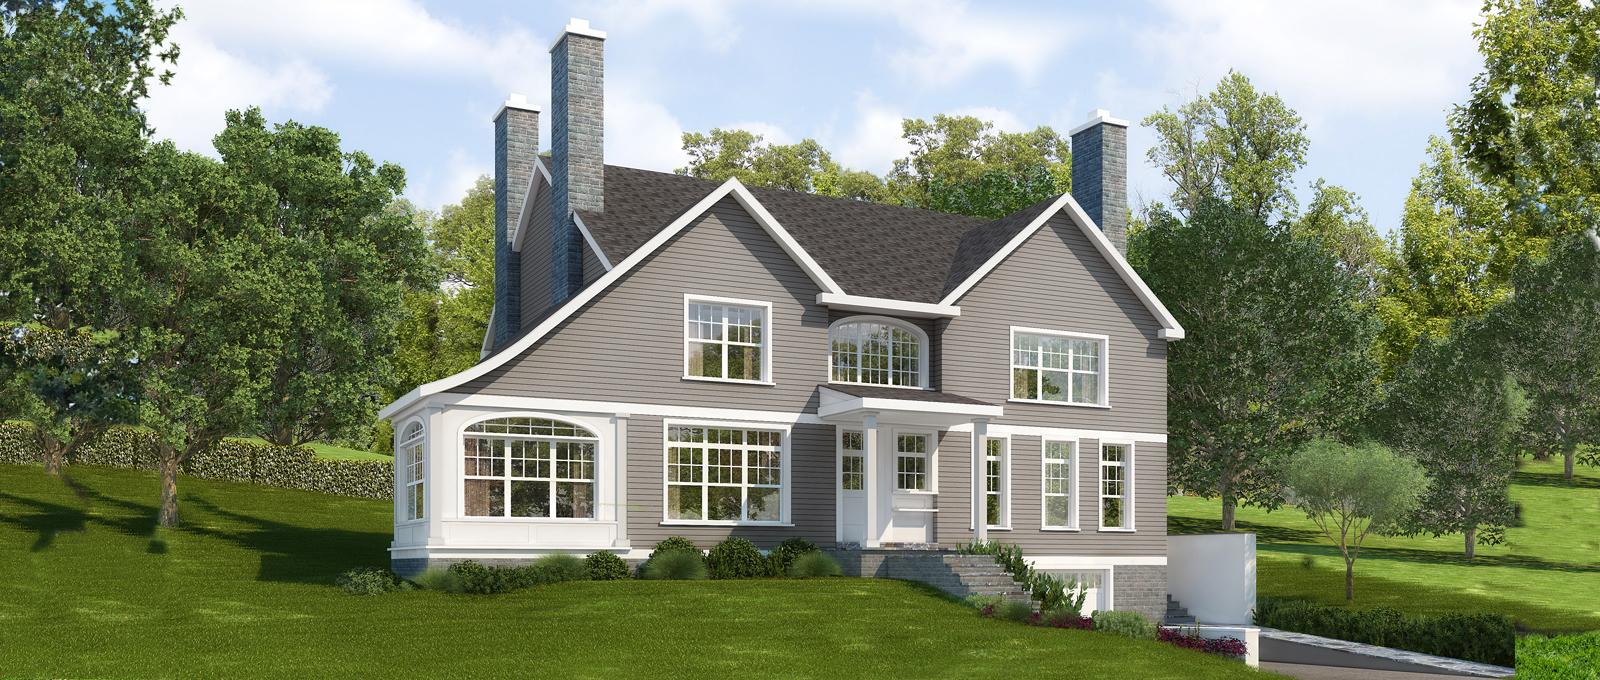 Maison unifamiliale pour l Vente à Rye Gardens New Construction Home 15 Colby Avenue Rye, New York 10580 États-Unis